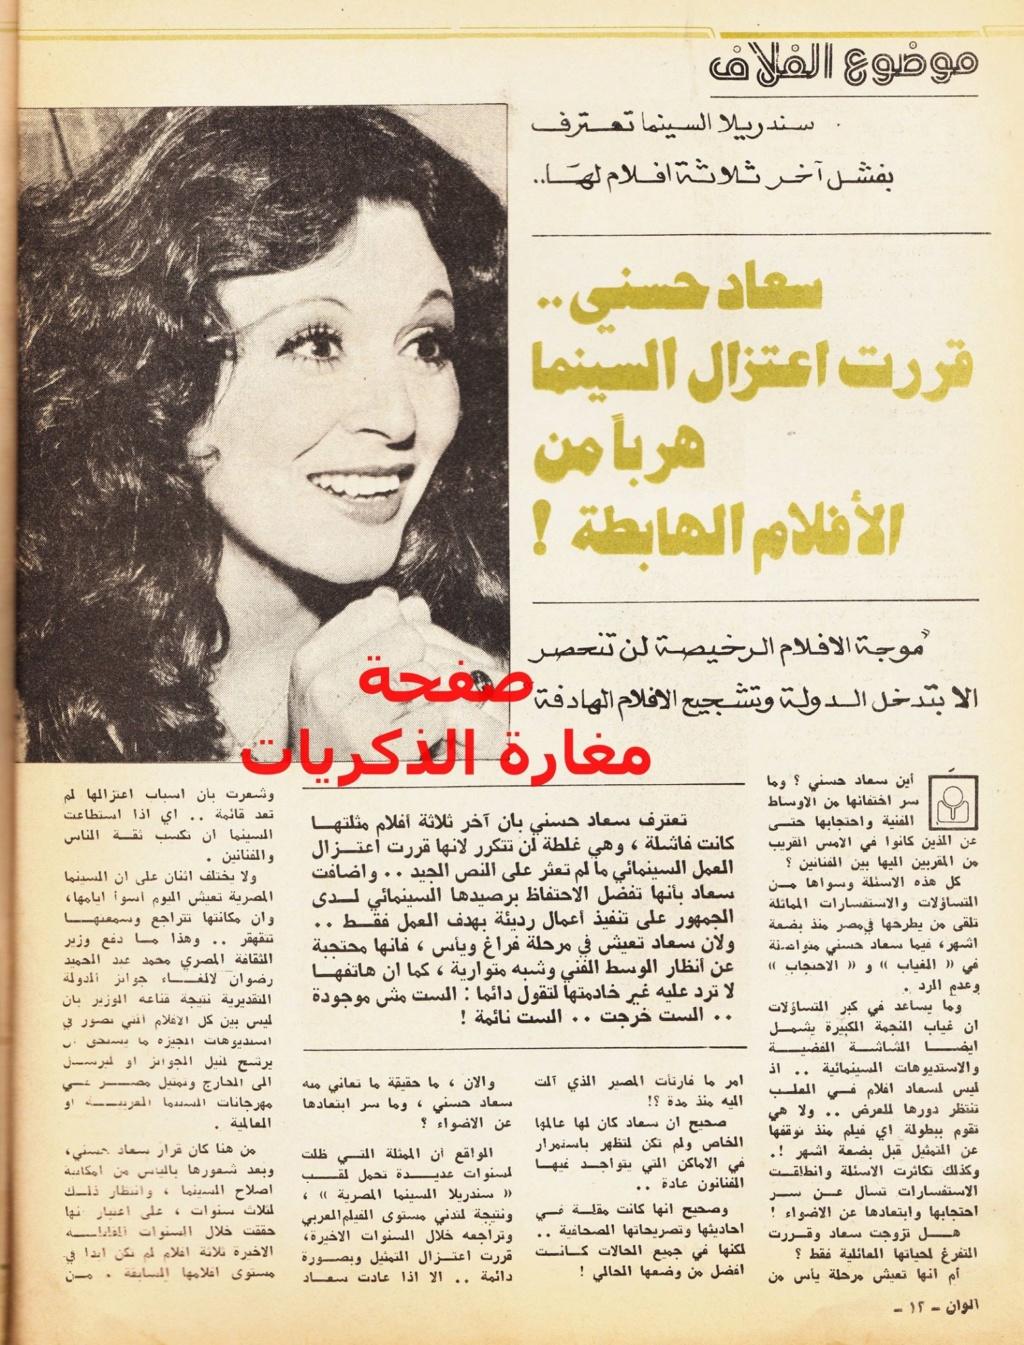 مقال - مقال صحفي : سعاد حسني .. قررت اعتزال السينما هرباً من الأفلام الهابطة 1982 م 1178